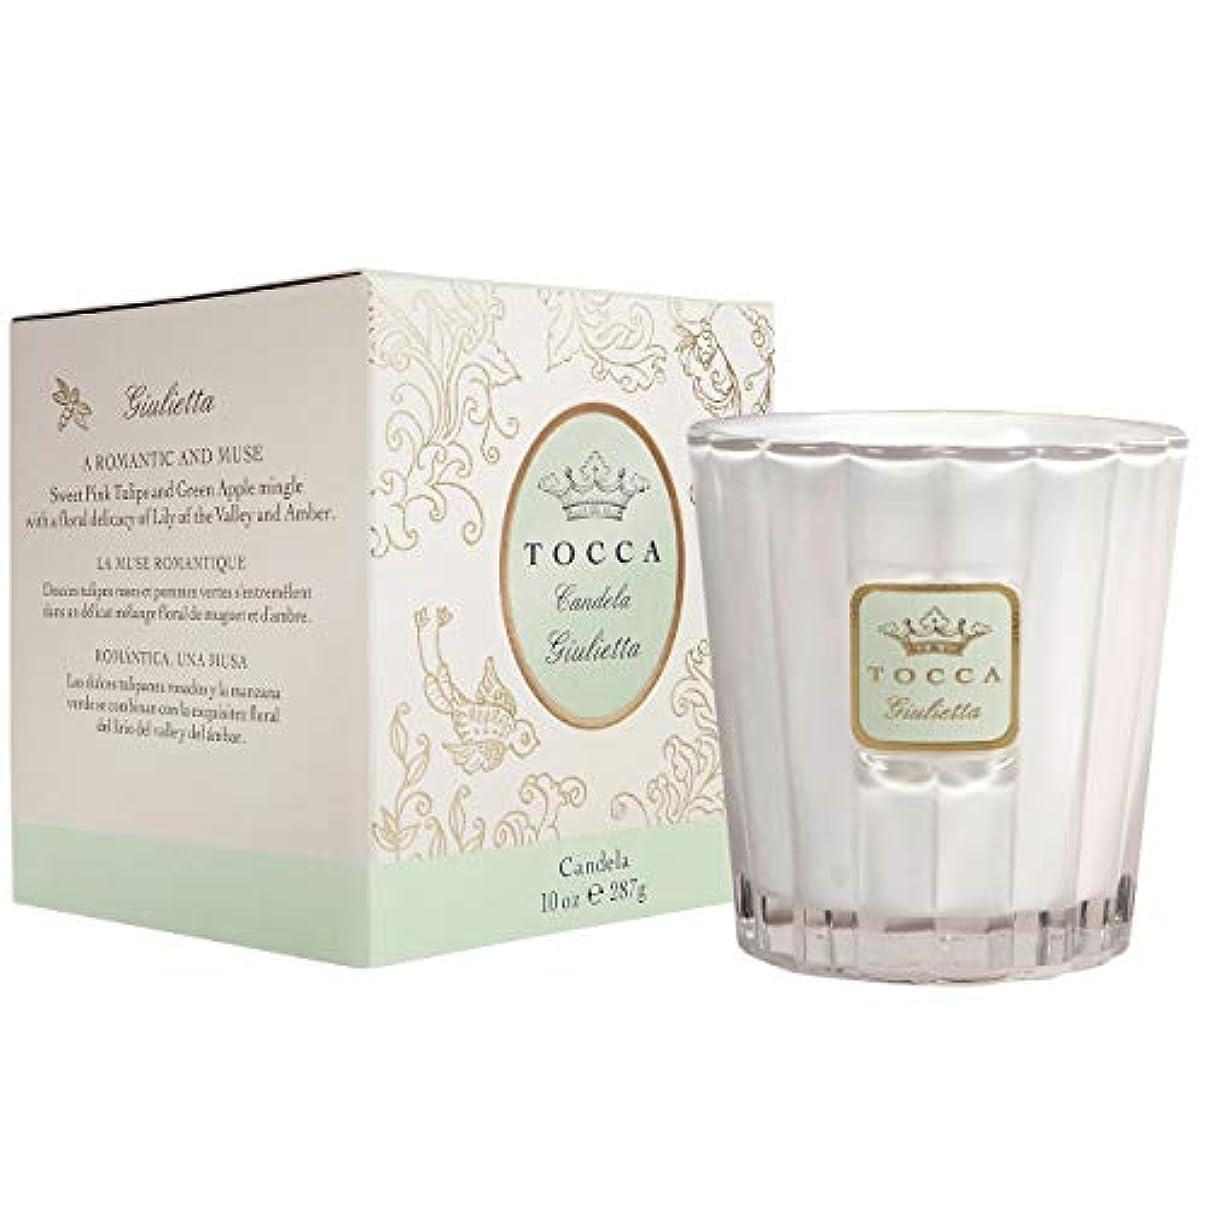 女性真剣に確立トッカ(TOCCA) キャンドル ジュリエッタの香り 約287g (ろうそく 爽やかで甘い香り)